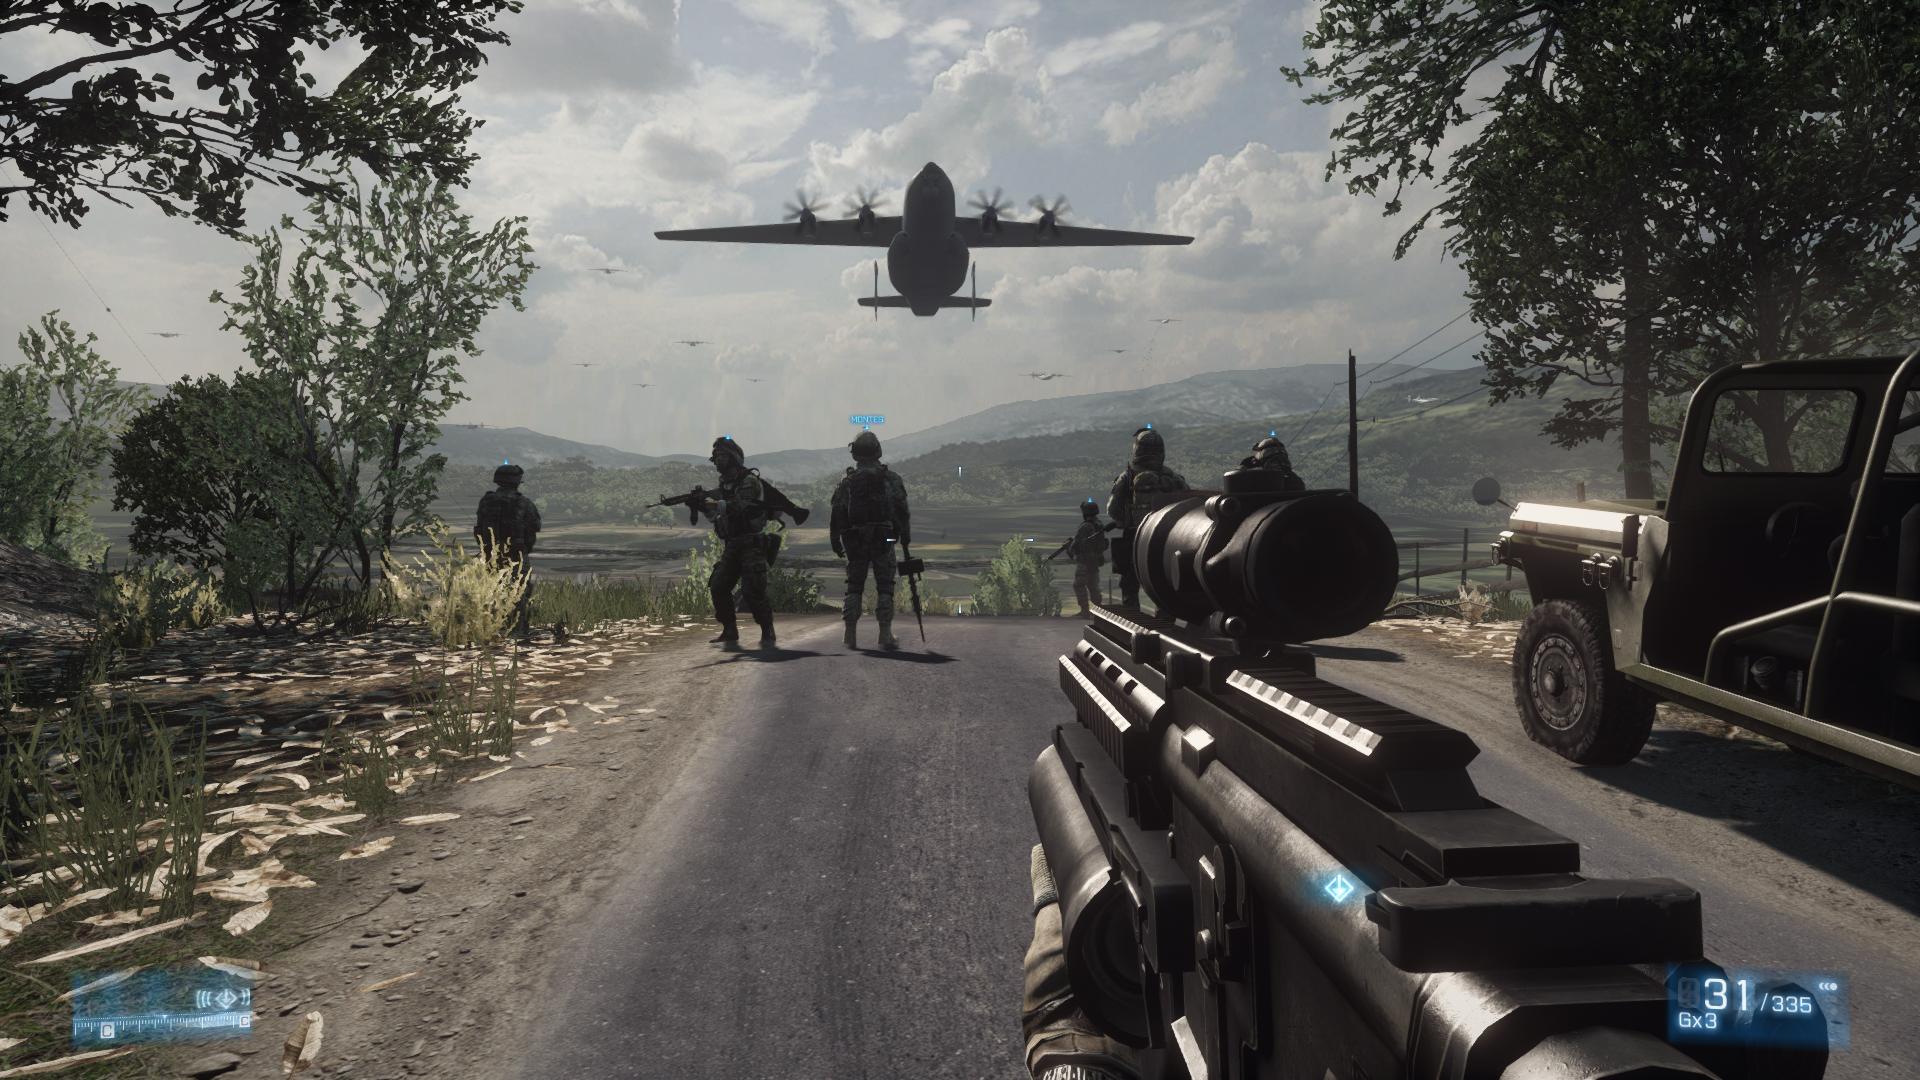 Battlefield 3 screenshot — #057, 554 views